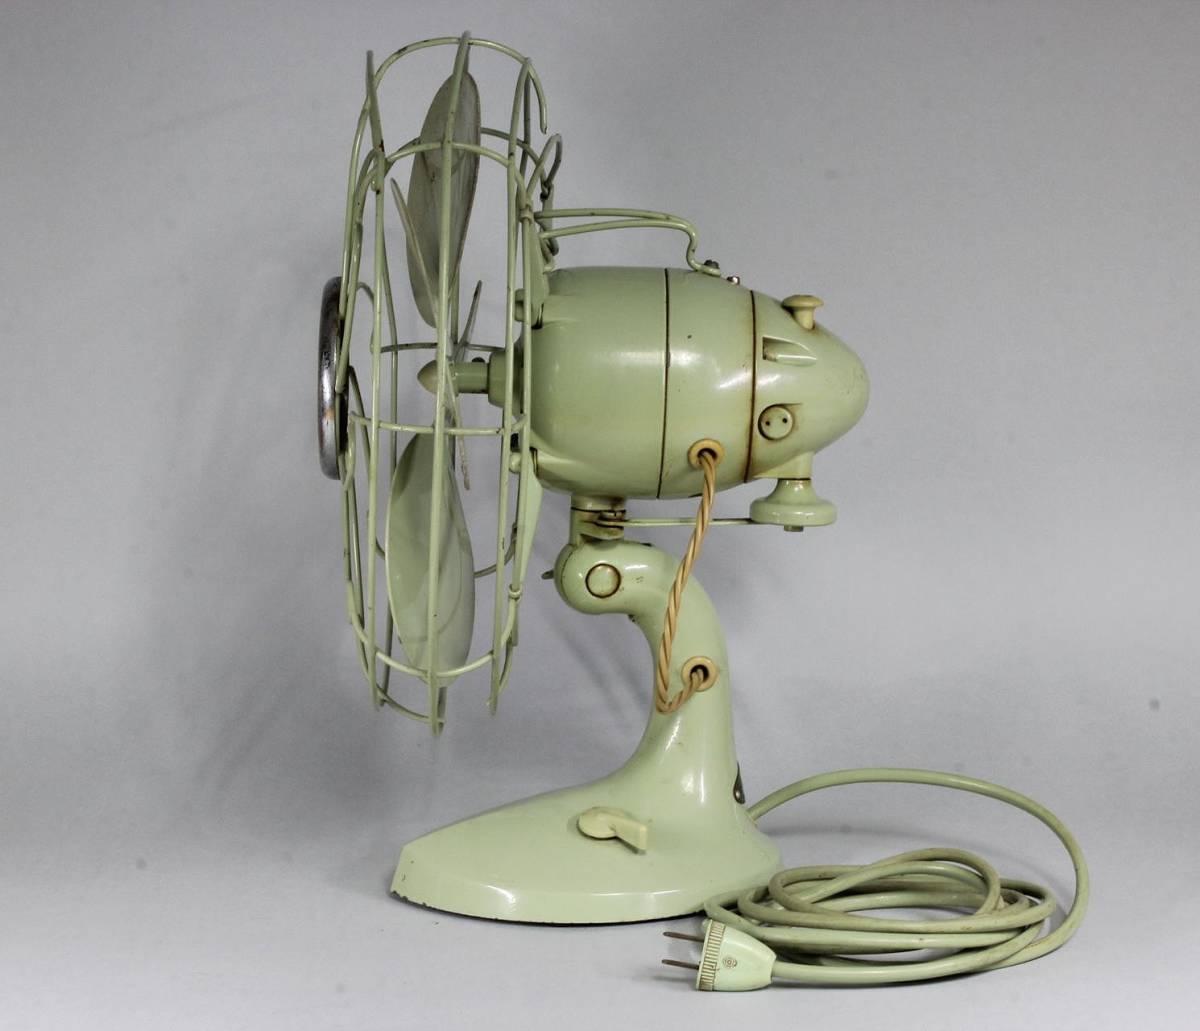 HITACHI 日立 A.C. DESK FAN/ M-6032 扇風機 可動品 首振り 動作確認済み 当時の箱付き /昭和レトロ レトロ扇風機 アンティーク _画像3